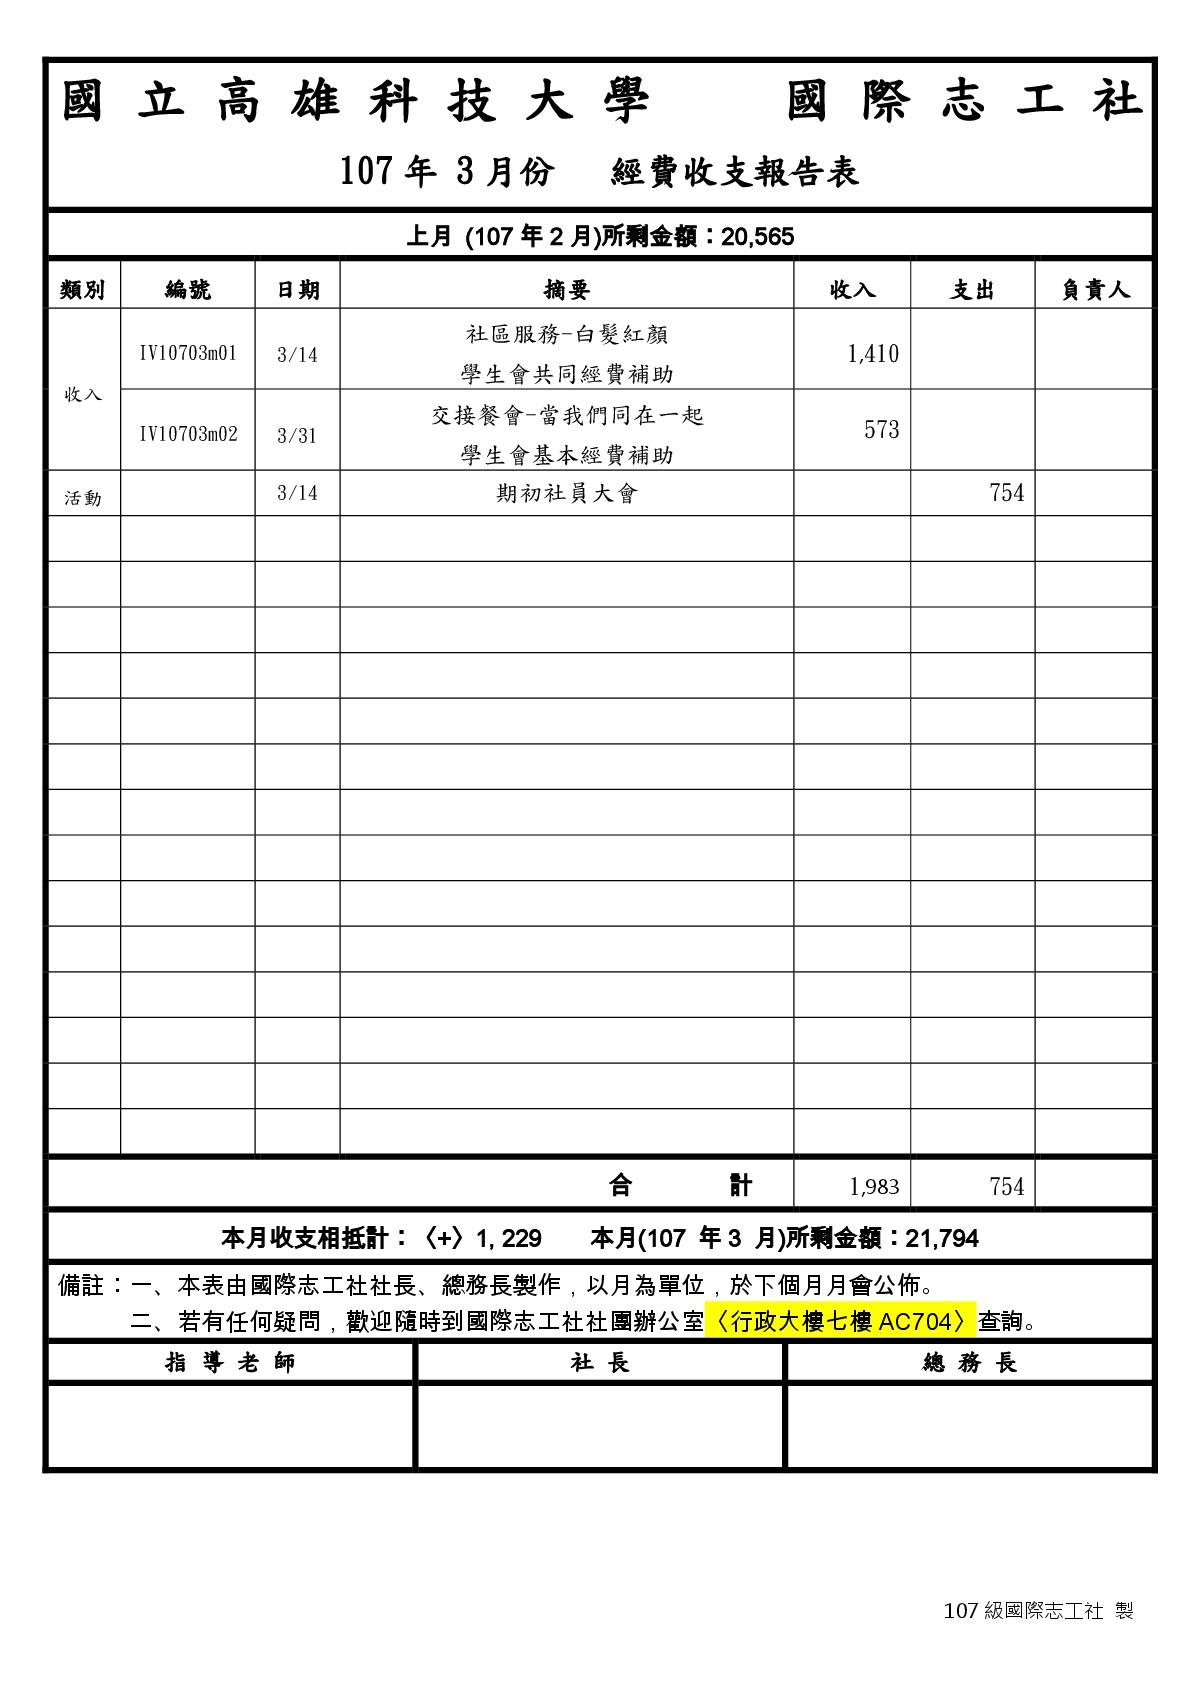 107年 行政帳冊 – 國際志工社